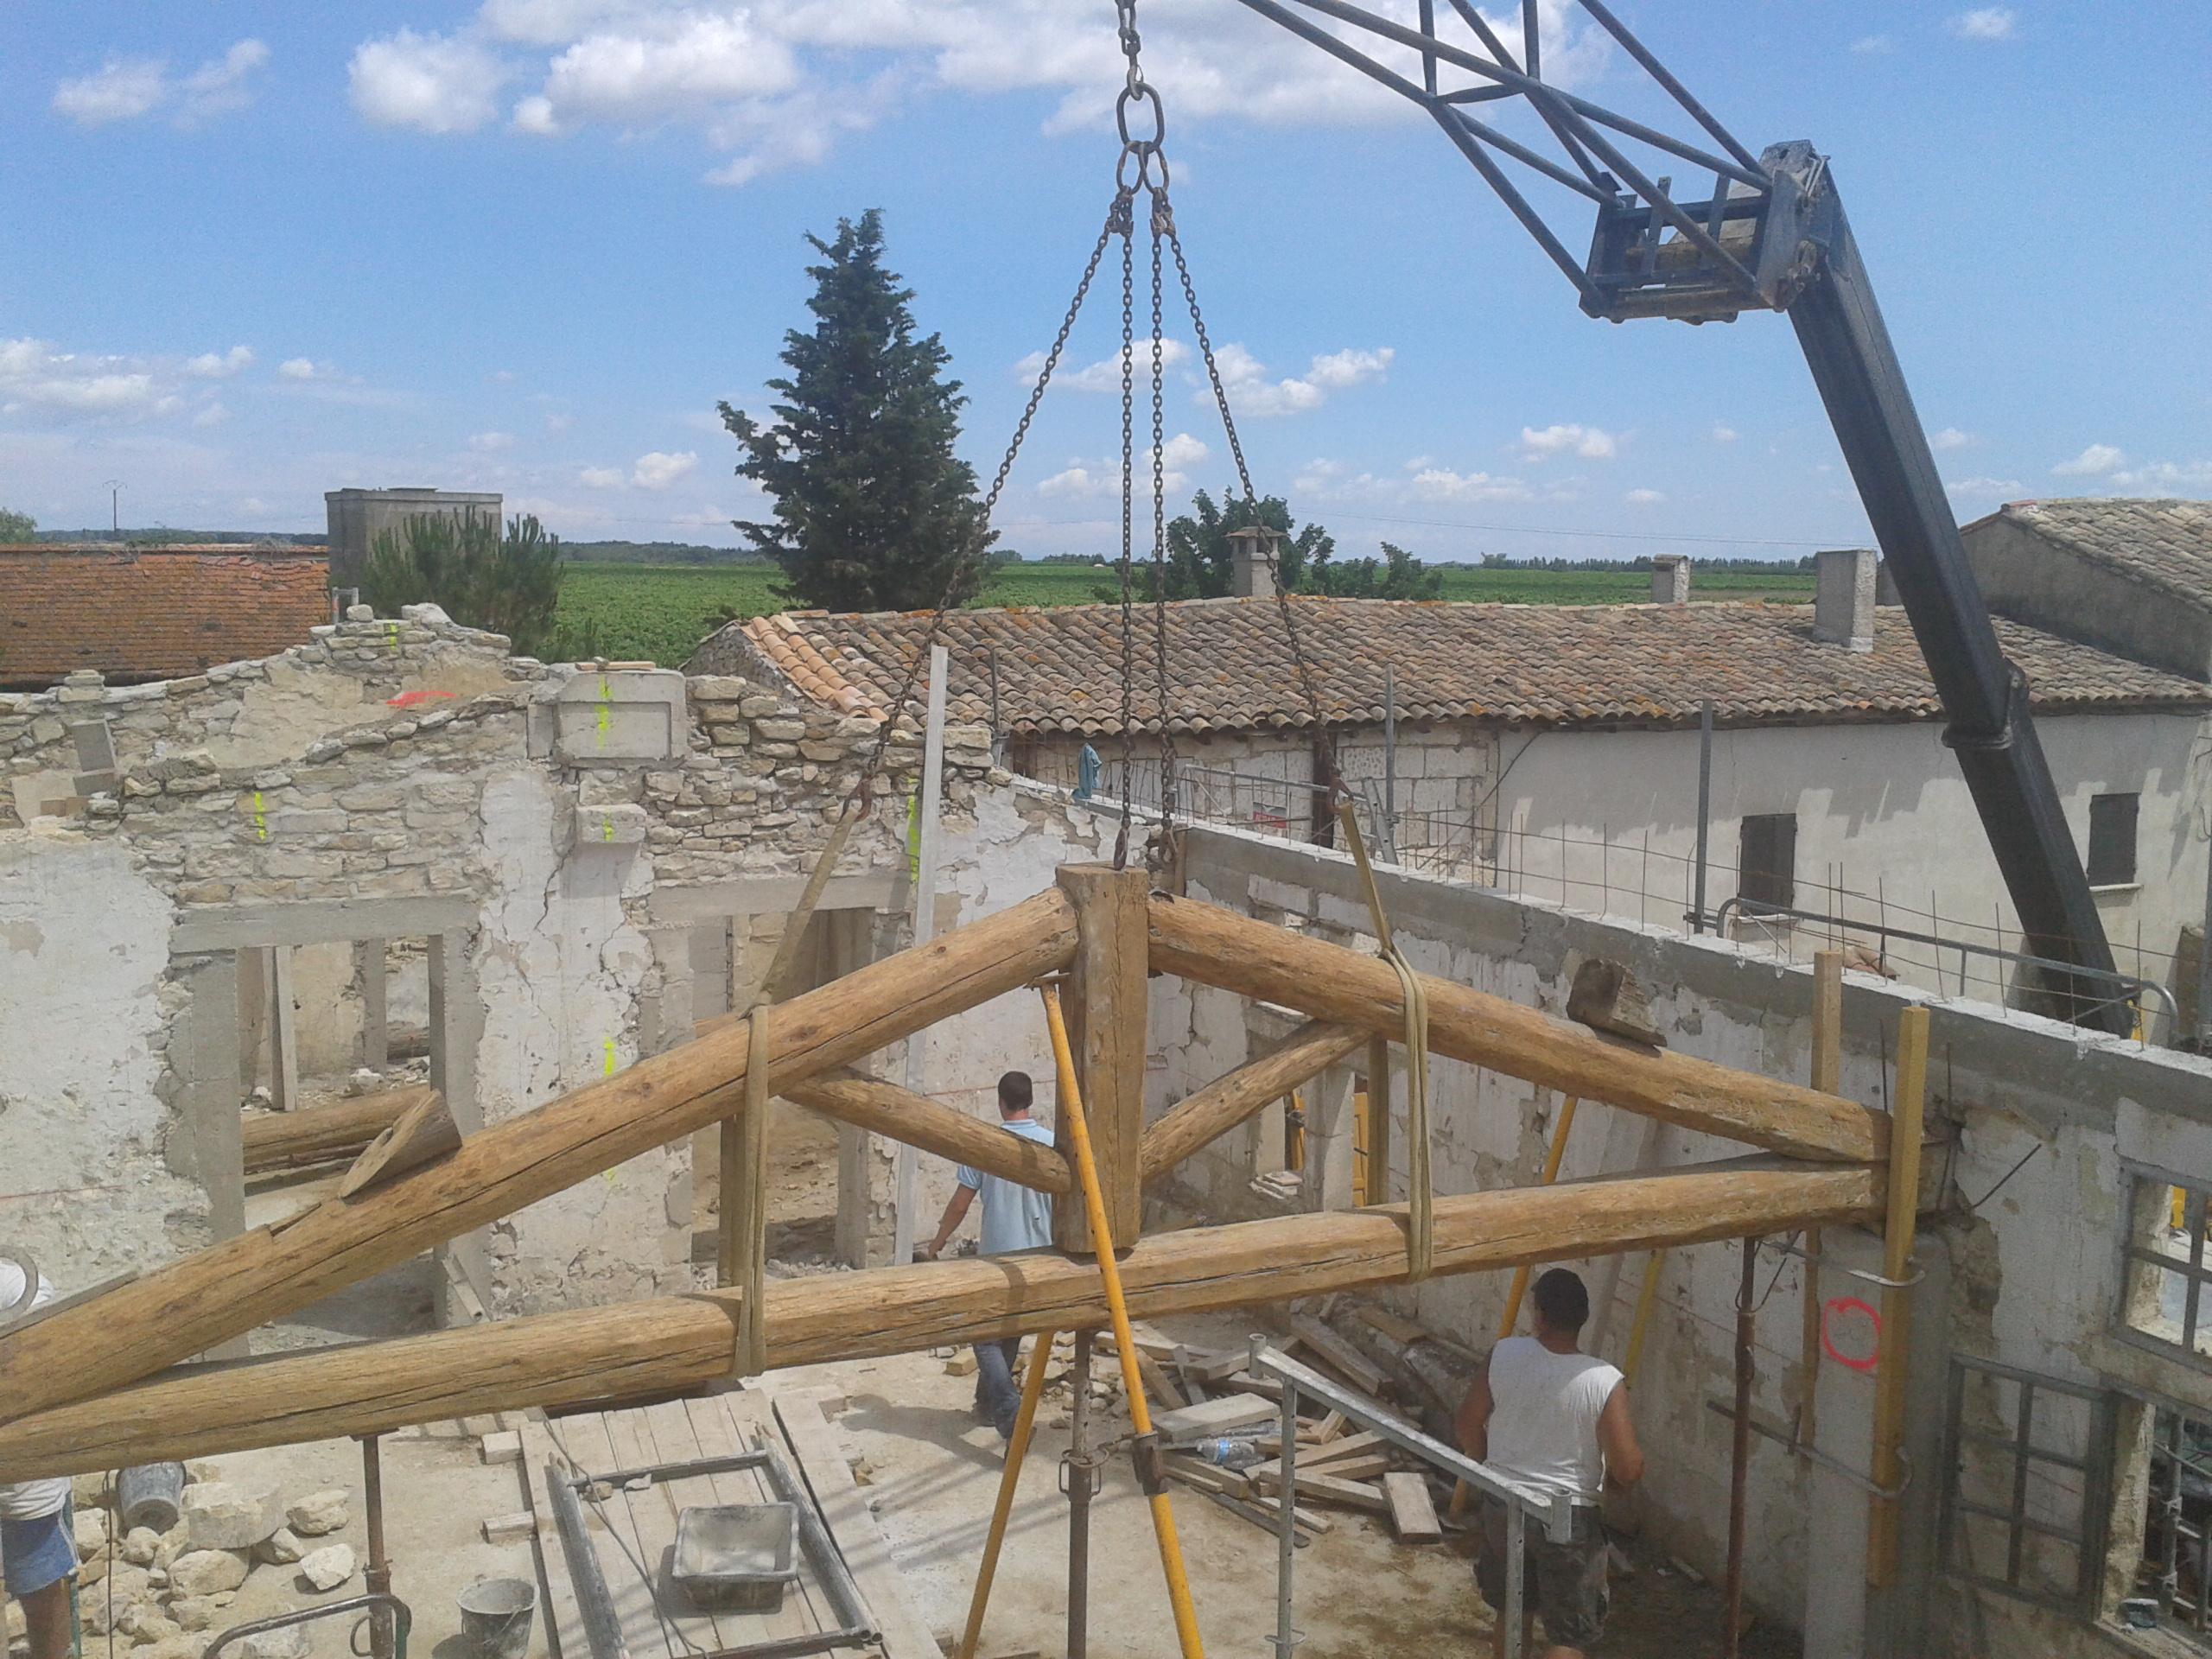 Desportes rénovation, Gard. Mise en place d'une nouvelle charpente au Mas Le Caillar.